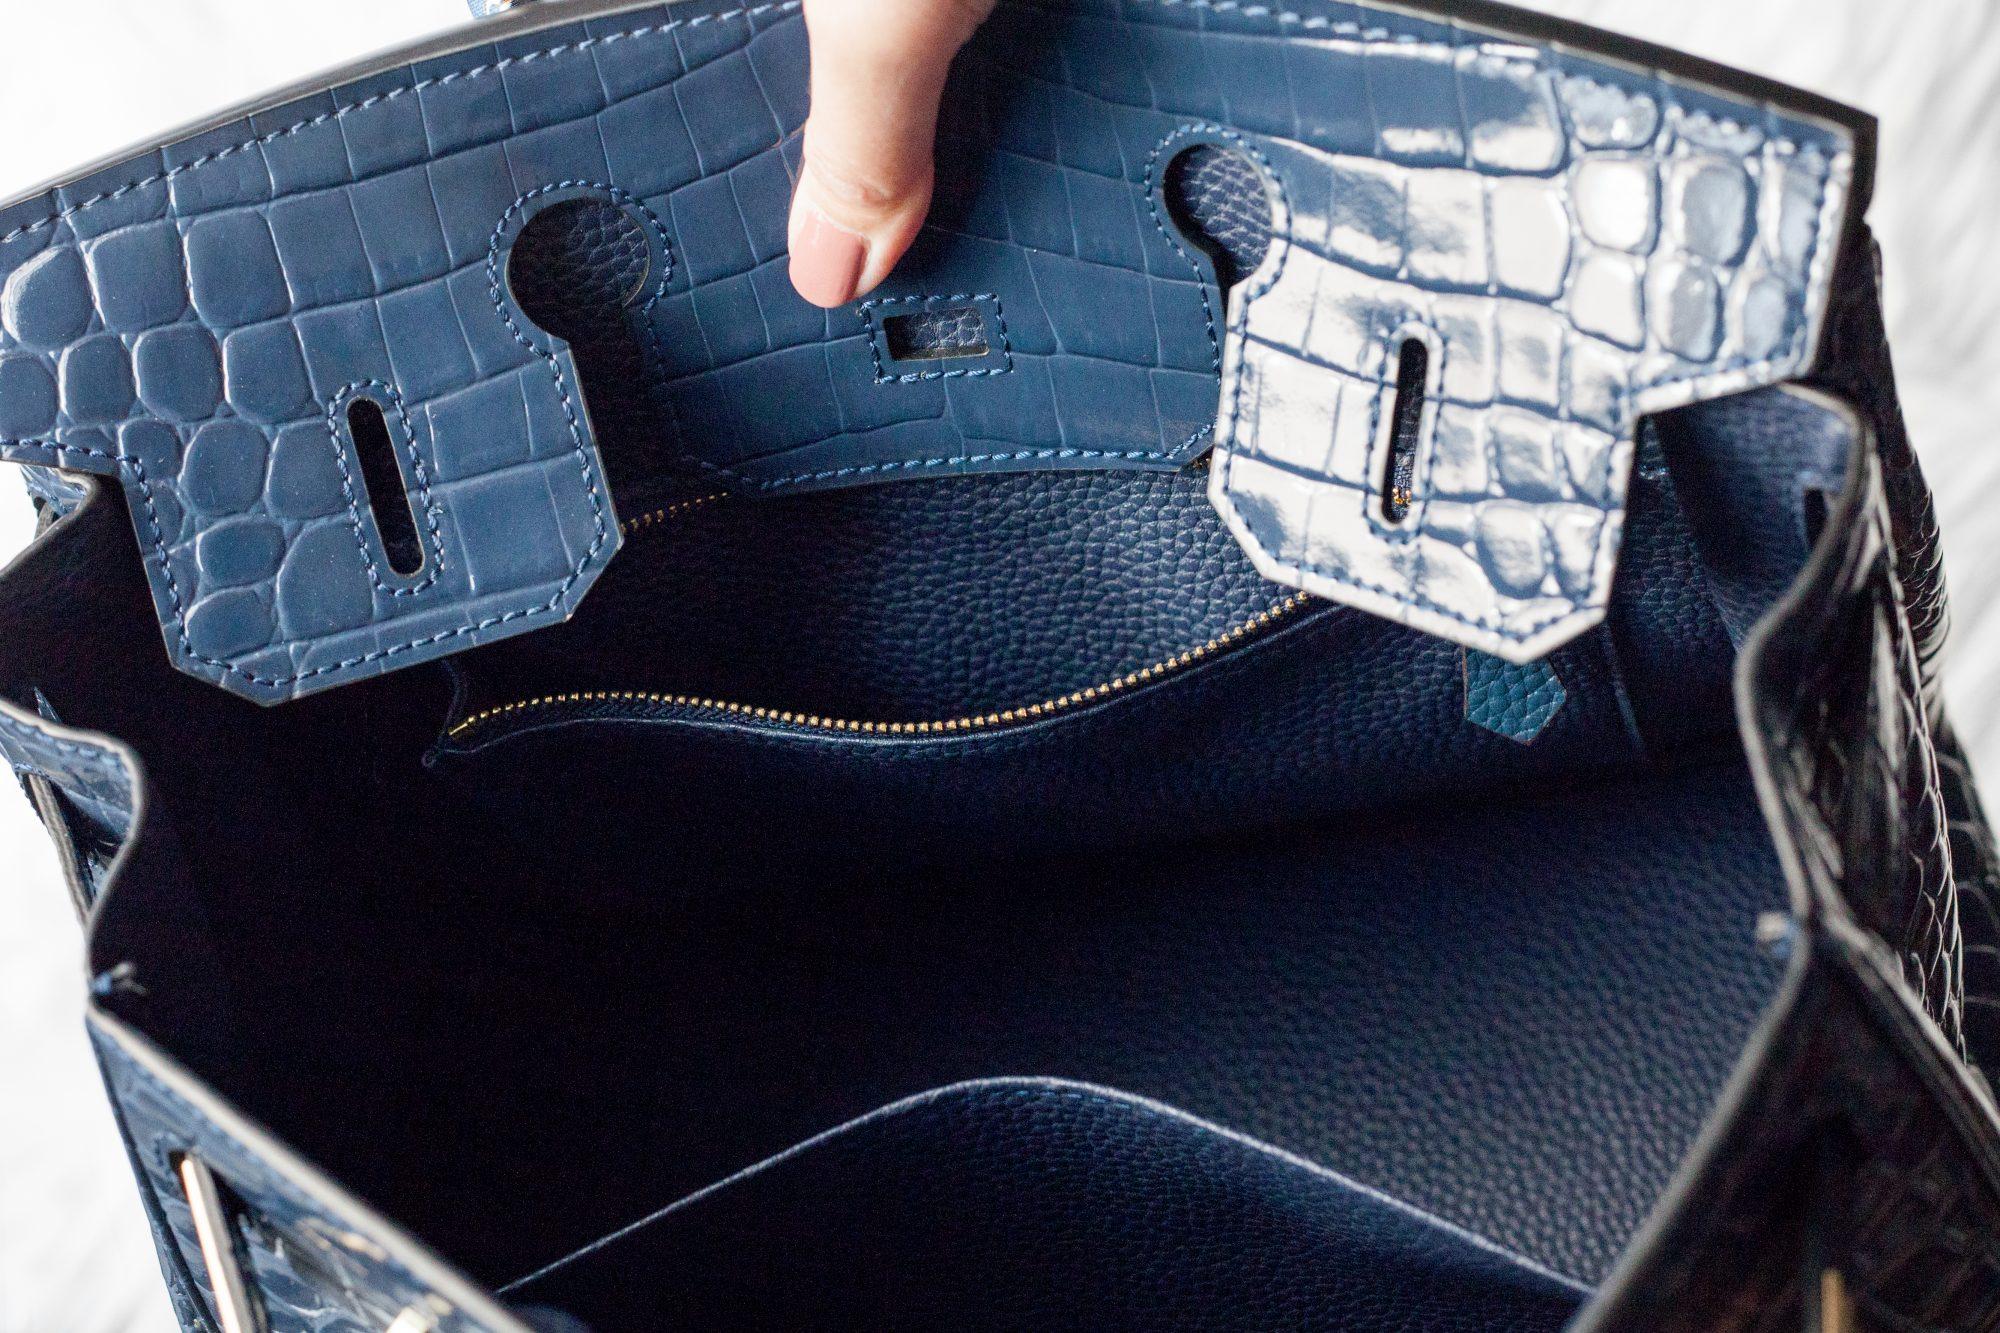 2e5040102d4 ainifeel-hermes-birkin-30cm-crocodile-dark-blue-designer-dupe-1 ...